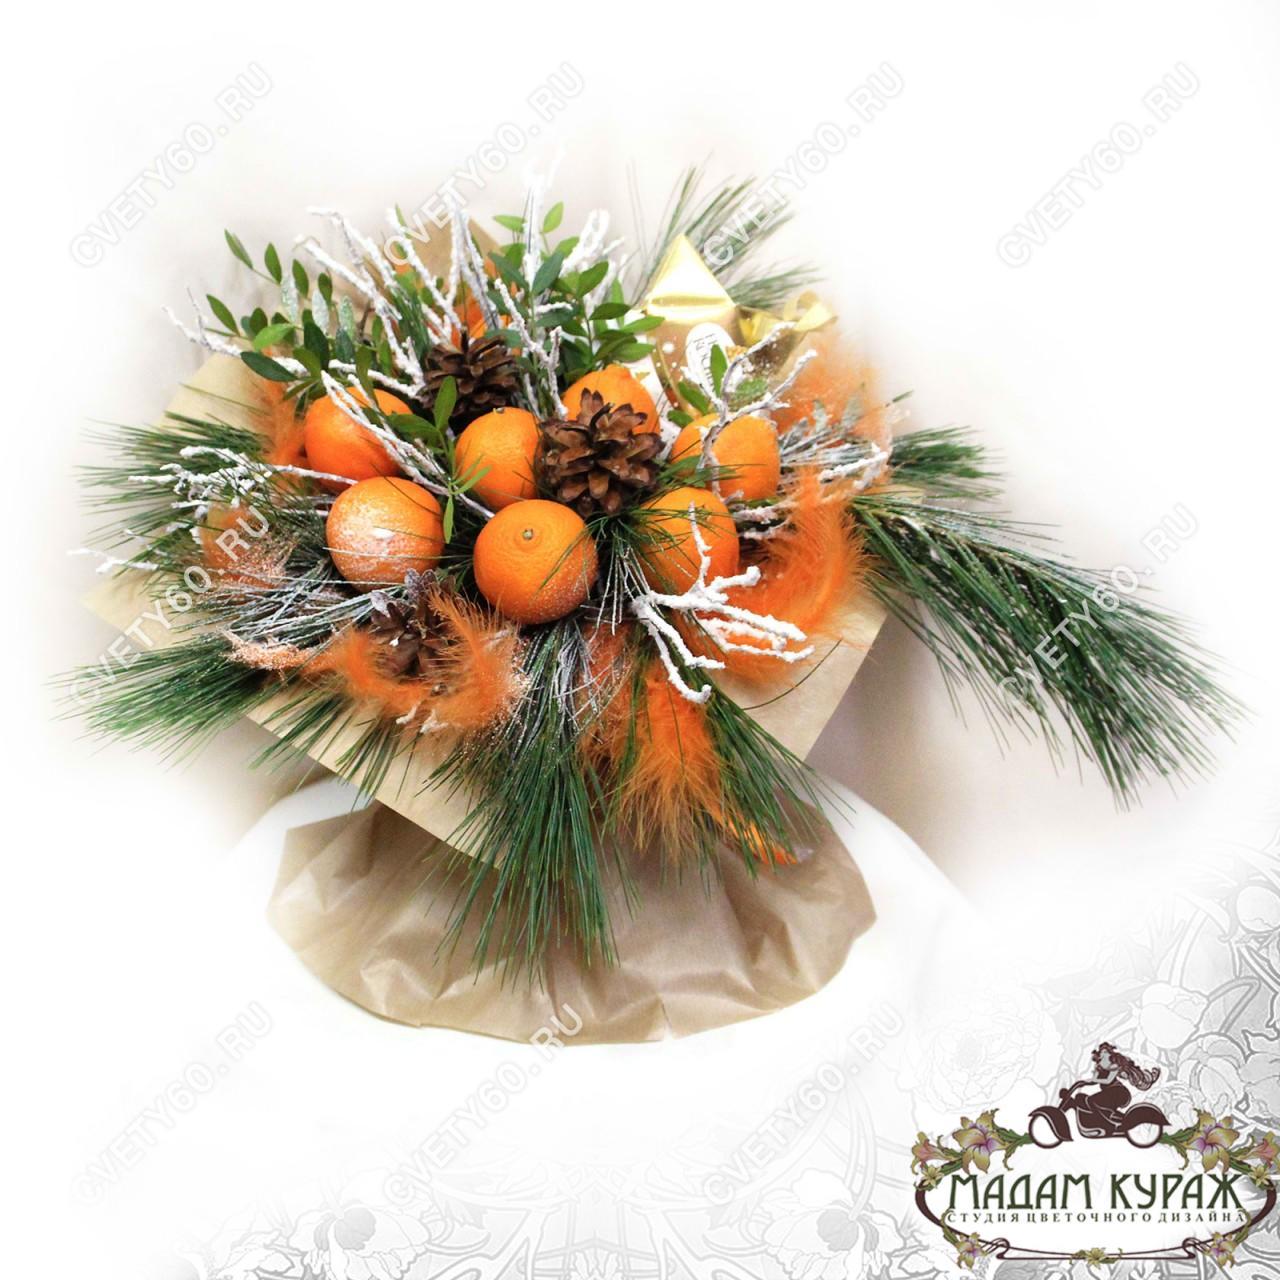 Новогодний букет из фруктов в Пскове